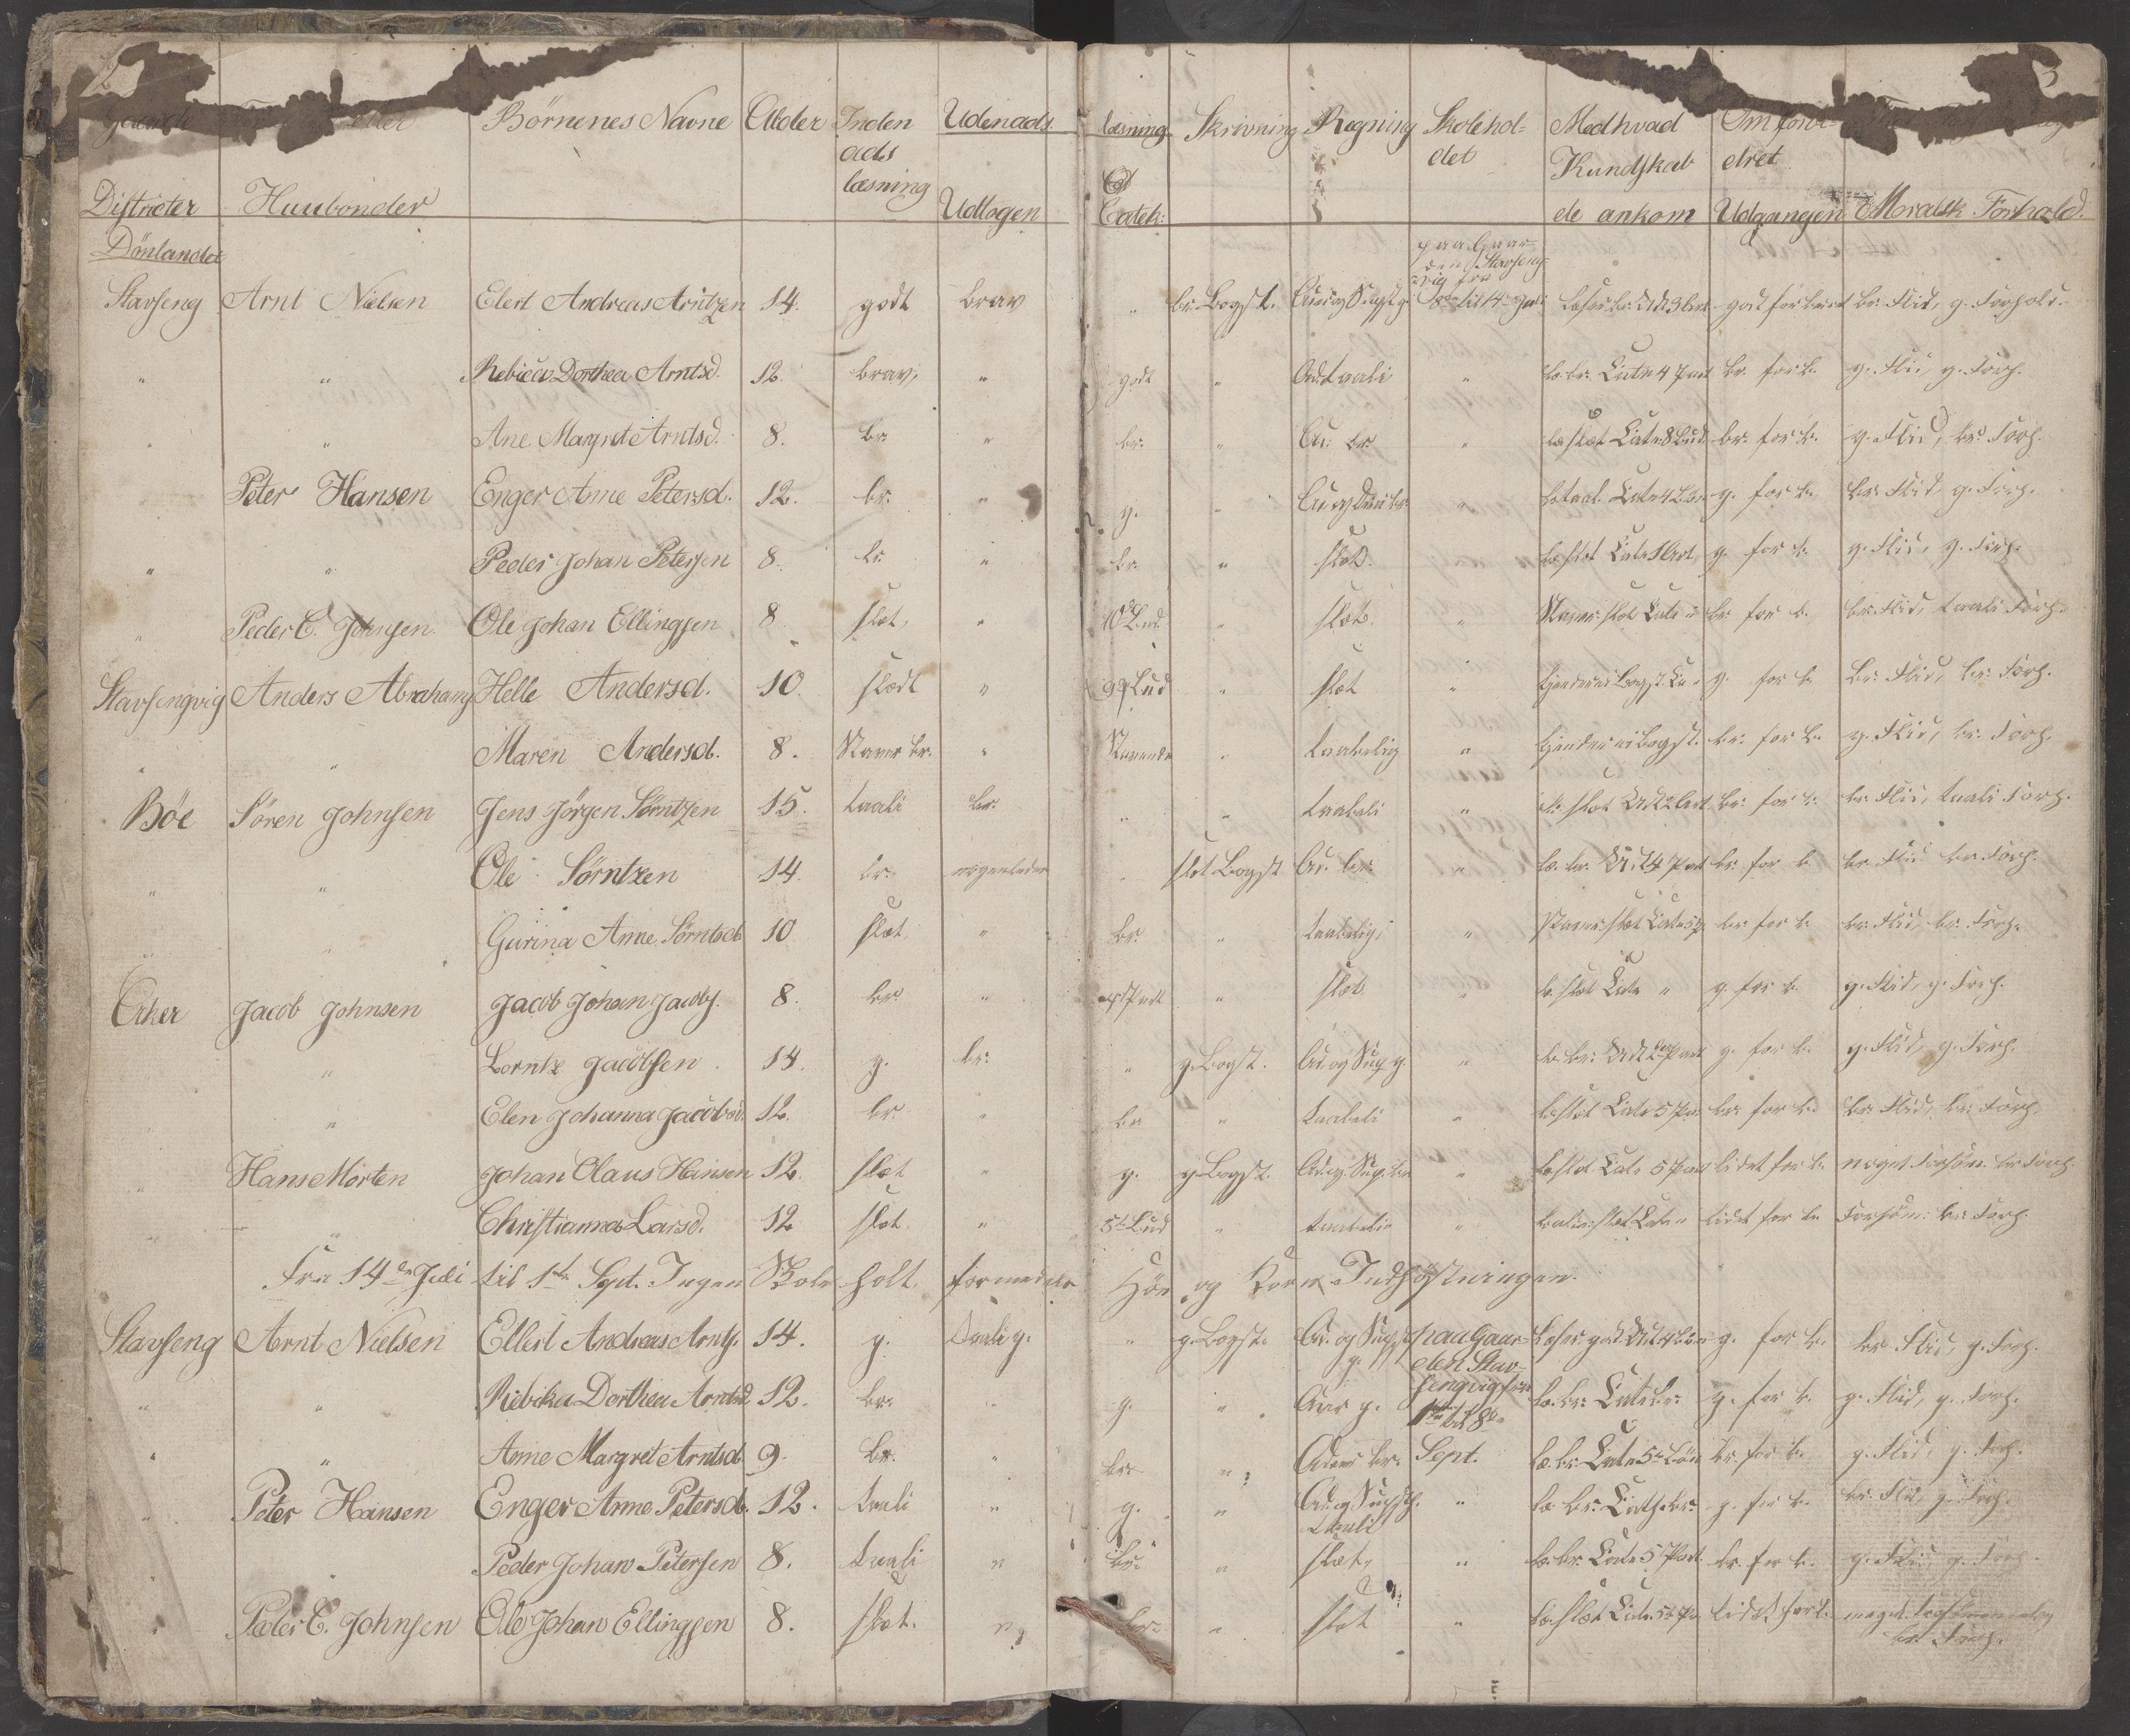 AIN, Dønna kommune. Dønnes fastskole, 442/L0001: Skoleprotokoll, 1832-1863, s. 3